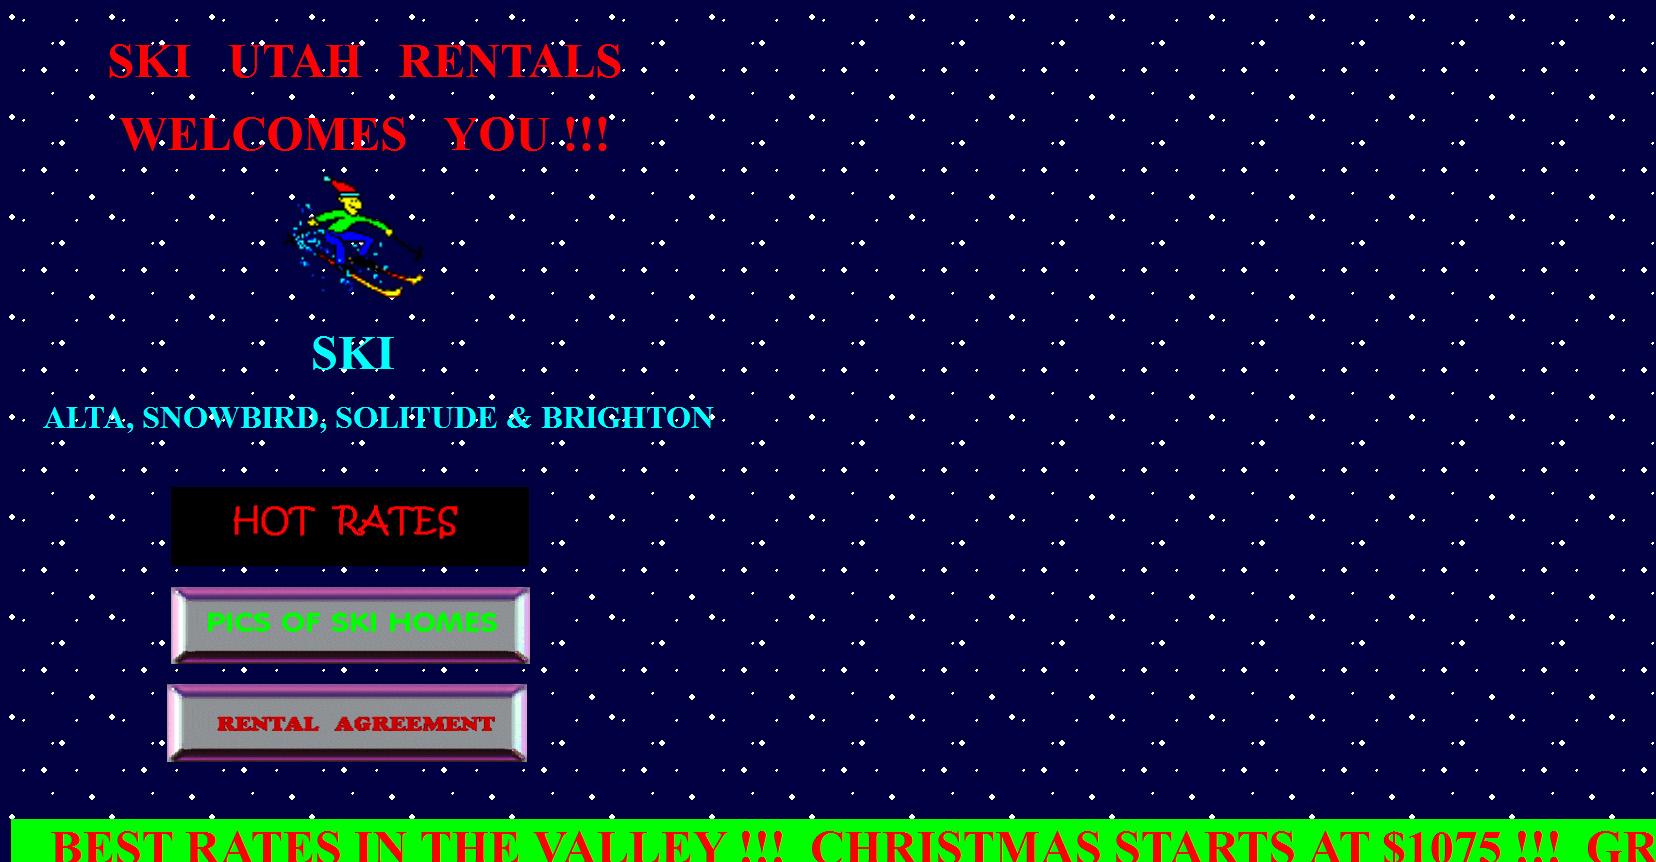 Homepage of http://www.ski-utah-rentals.com/